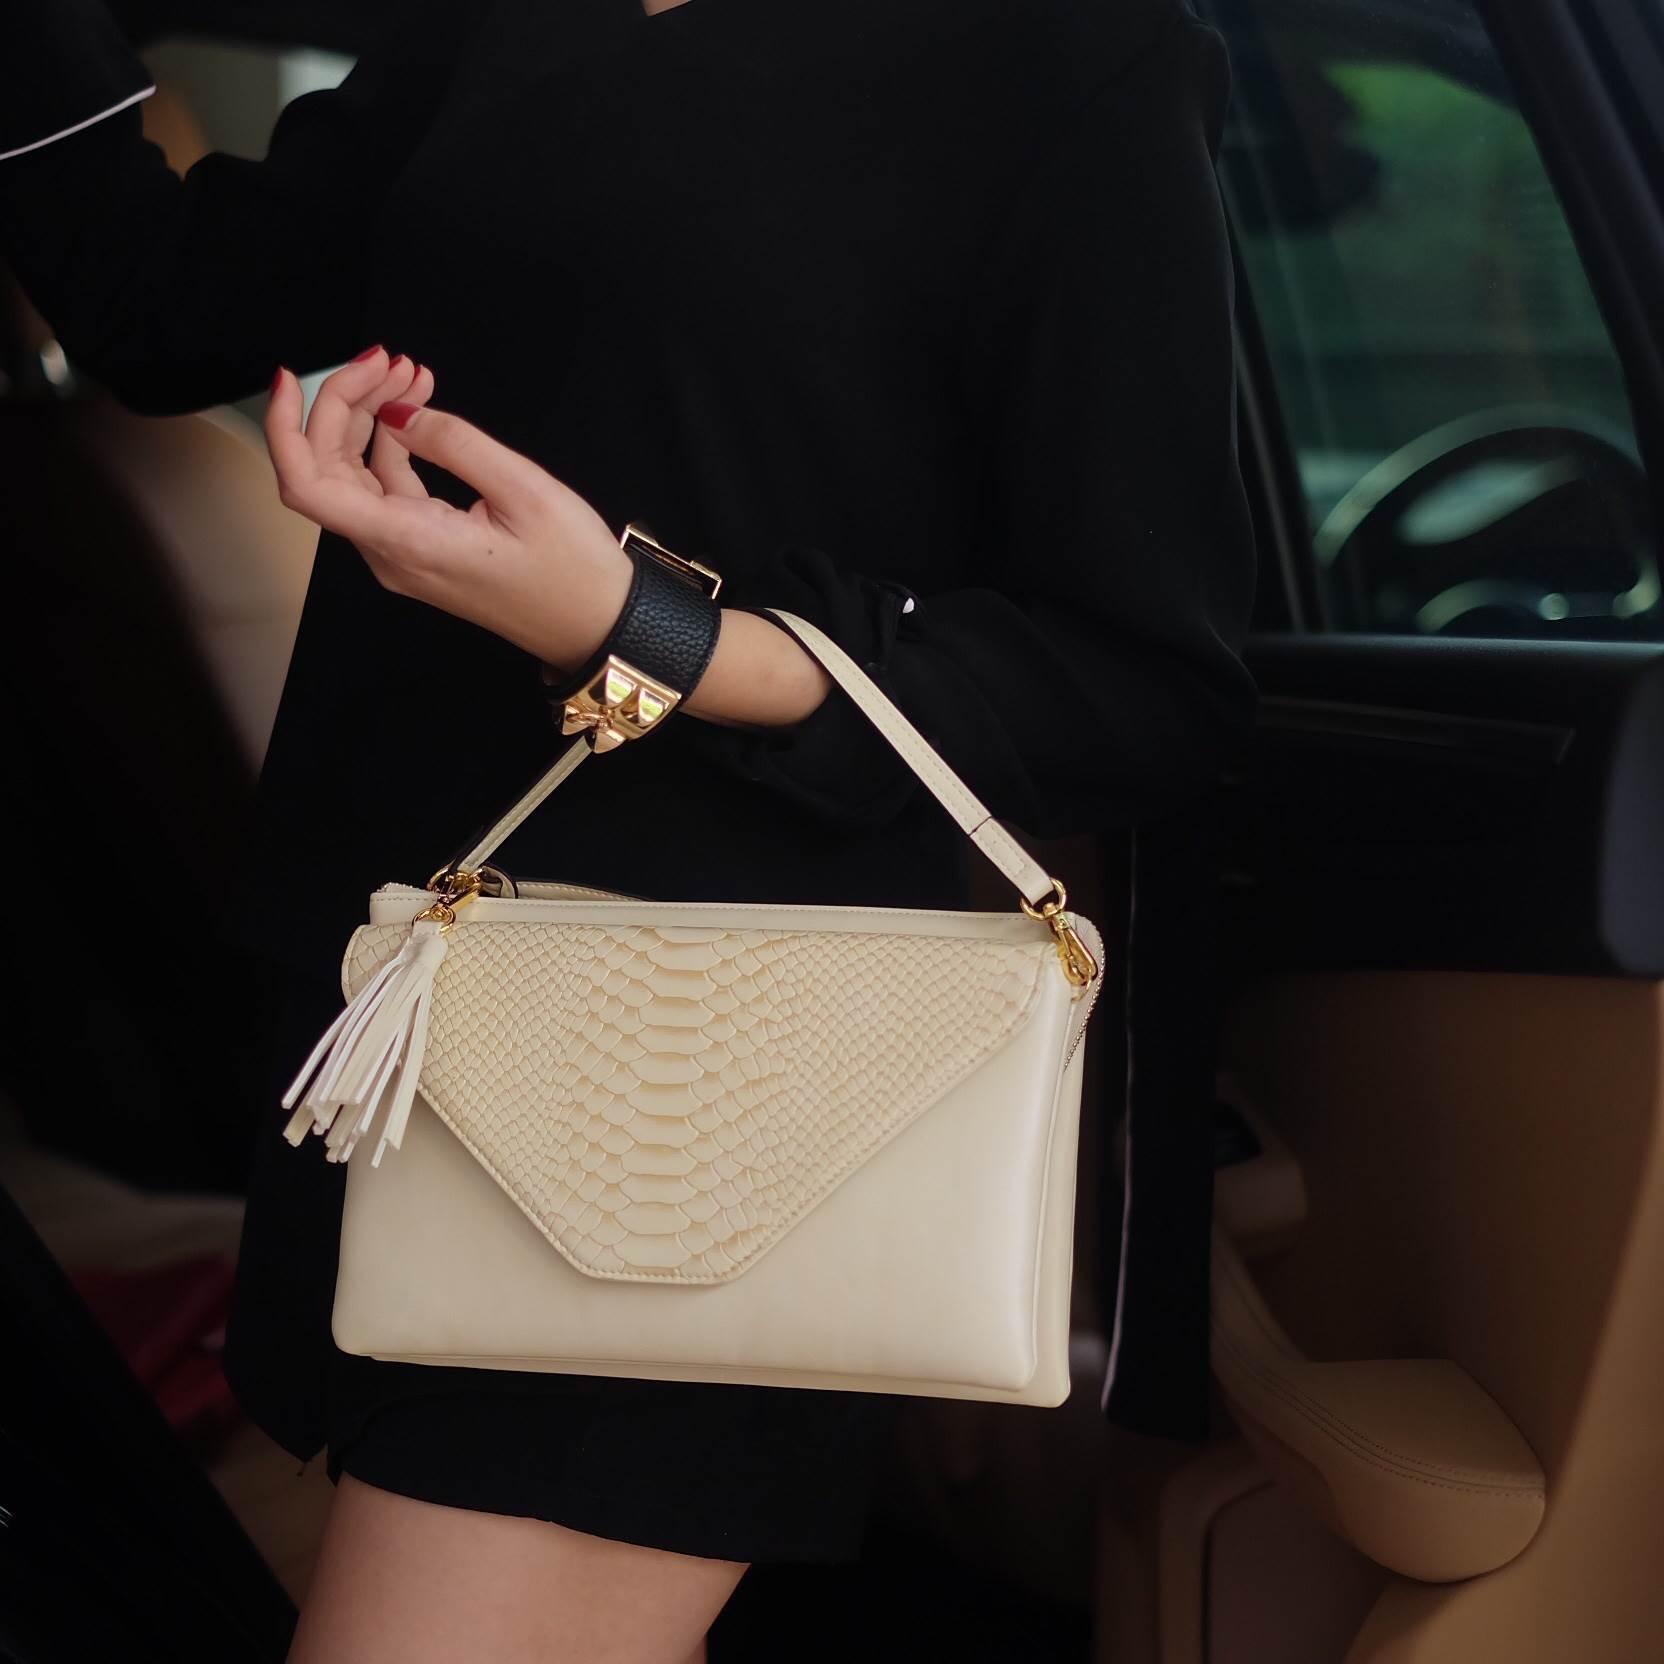 กระเป๋าสะพาย ปรับเป็นคลัชได้ สีครีม รุ่น KEEP Doratry shoulder &clutch bag